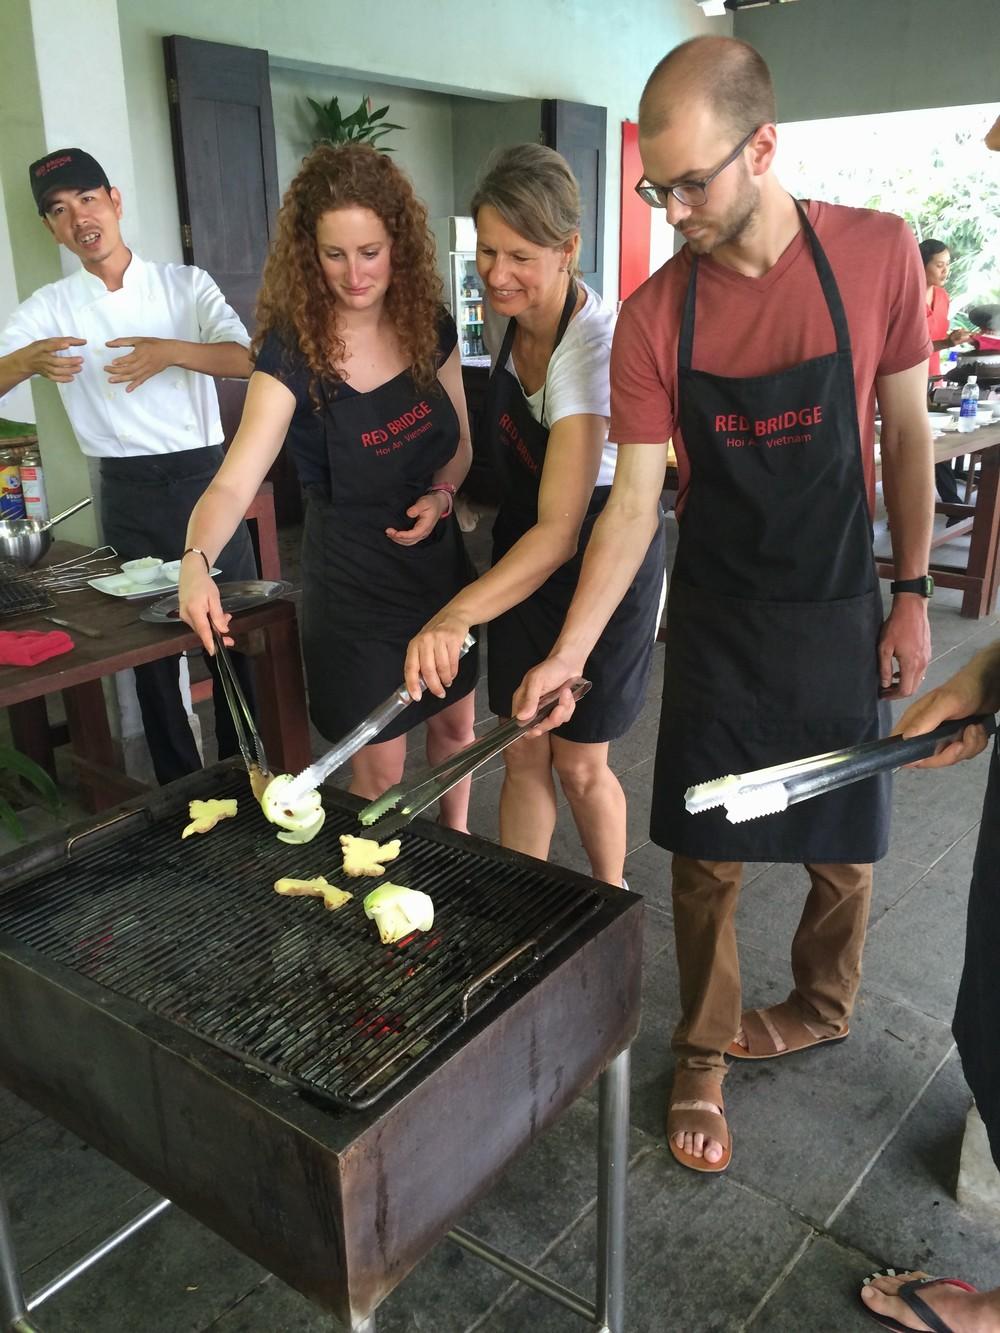 cooking class hottie